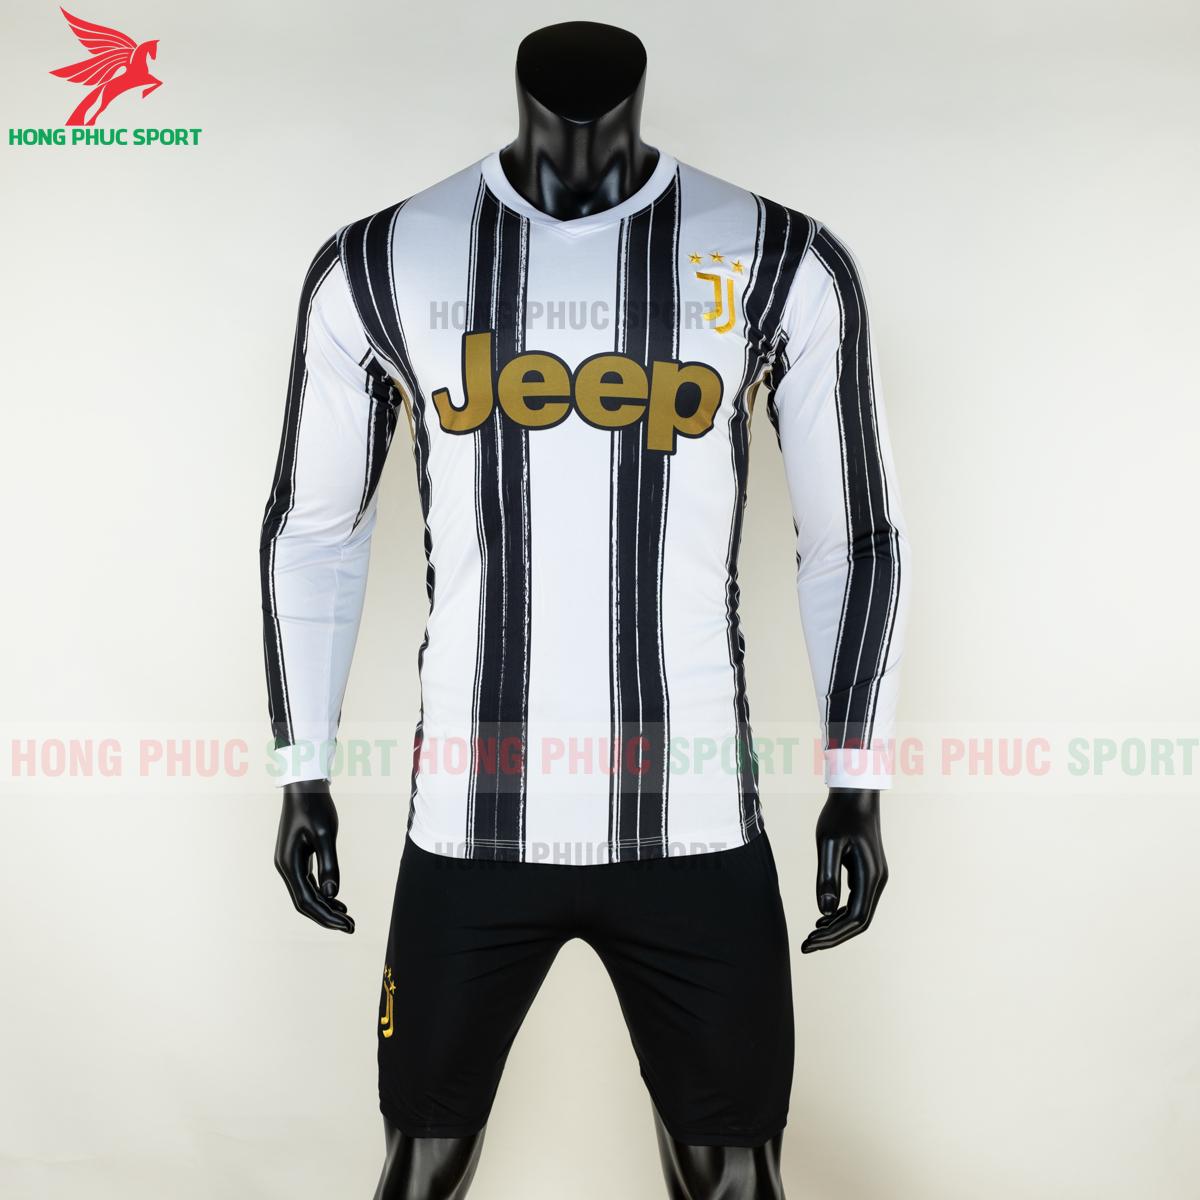 Áo đấu dài tay Juventus 2020 2021 sân nhà (trước)